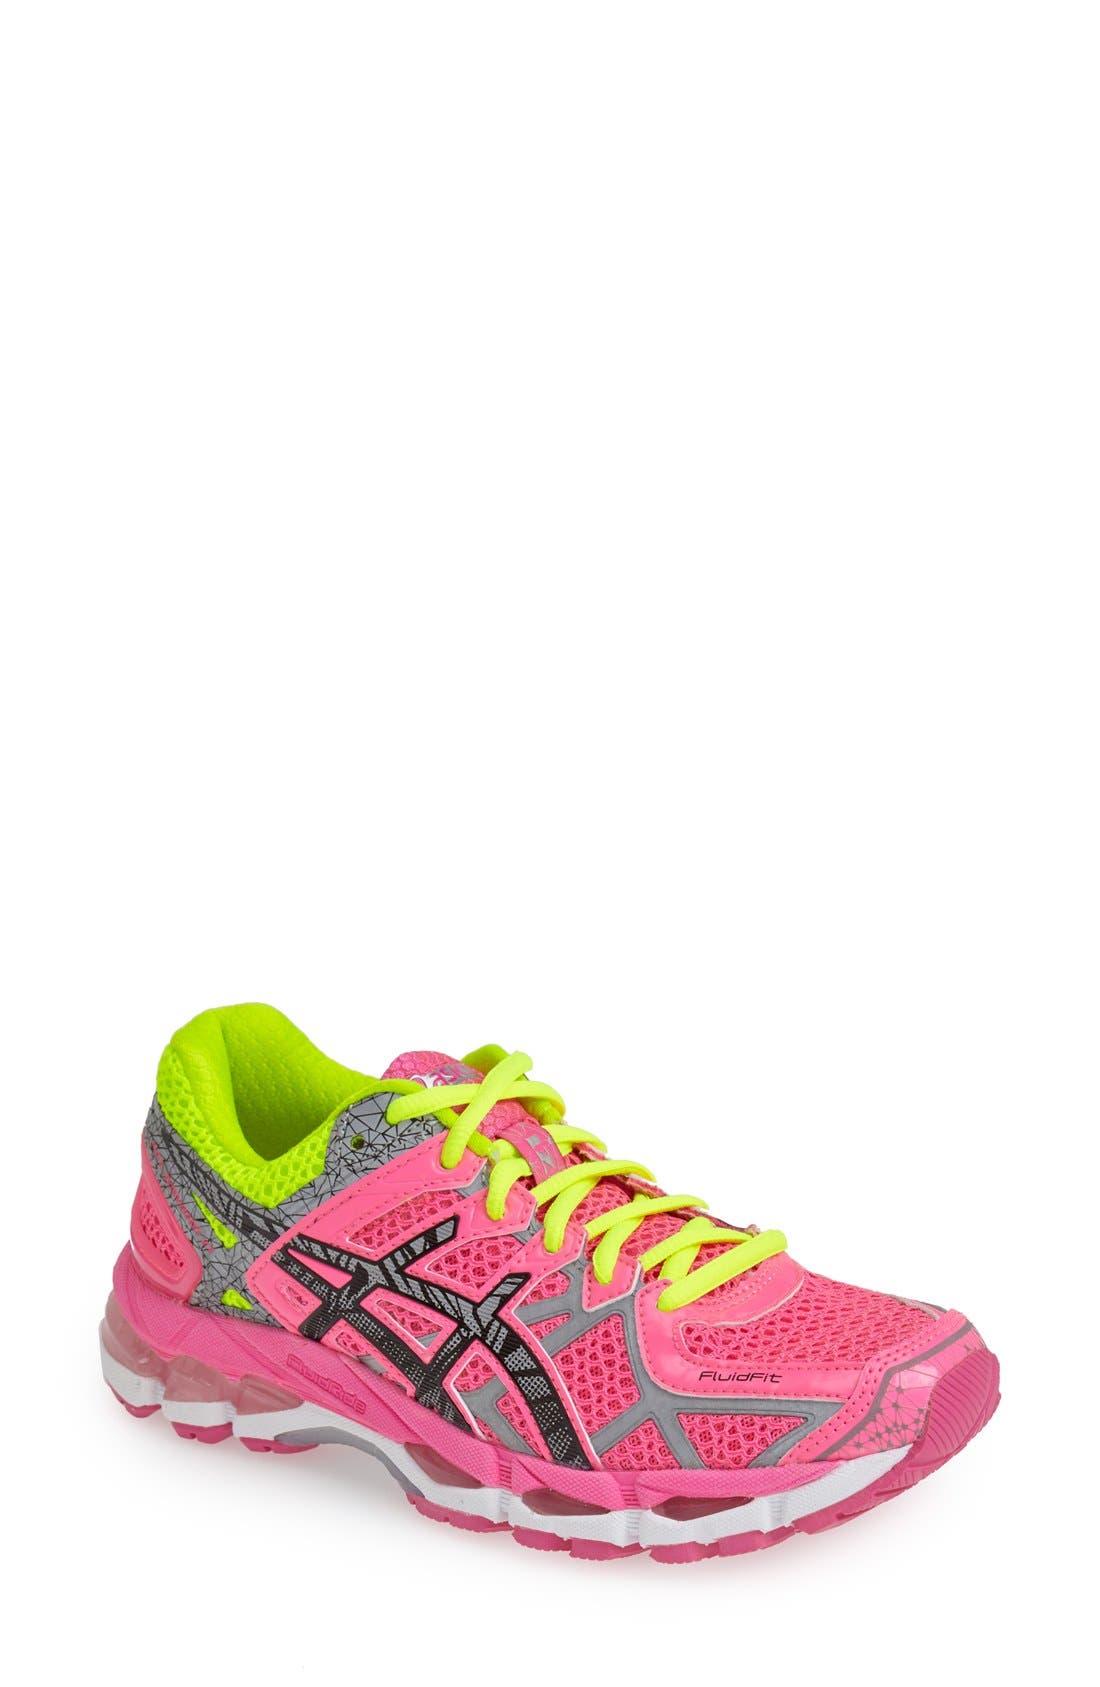 Alternate Image 1 Selected - ASICS 'GEL-Kayano® 21' Running Shoe (Women)